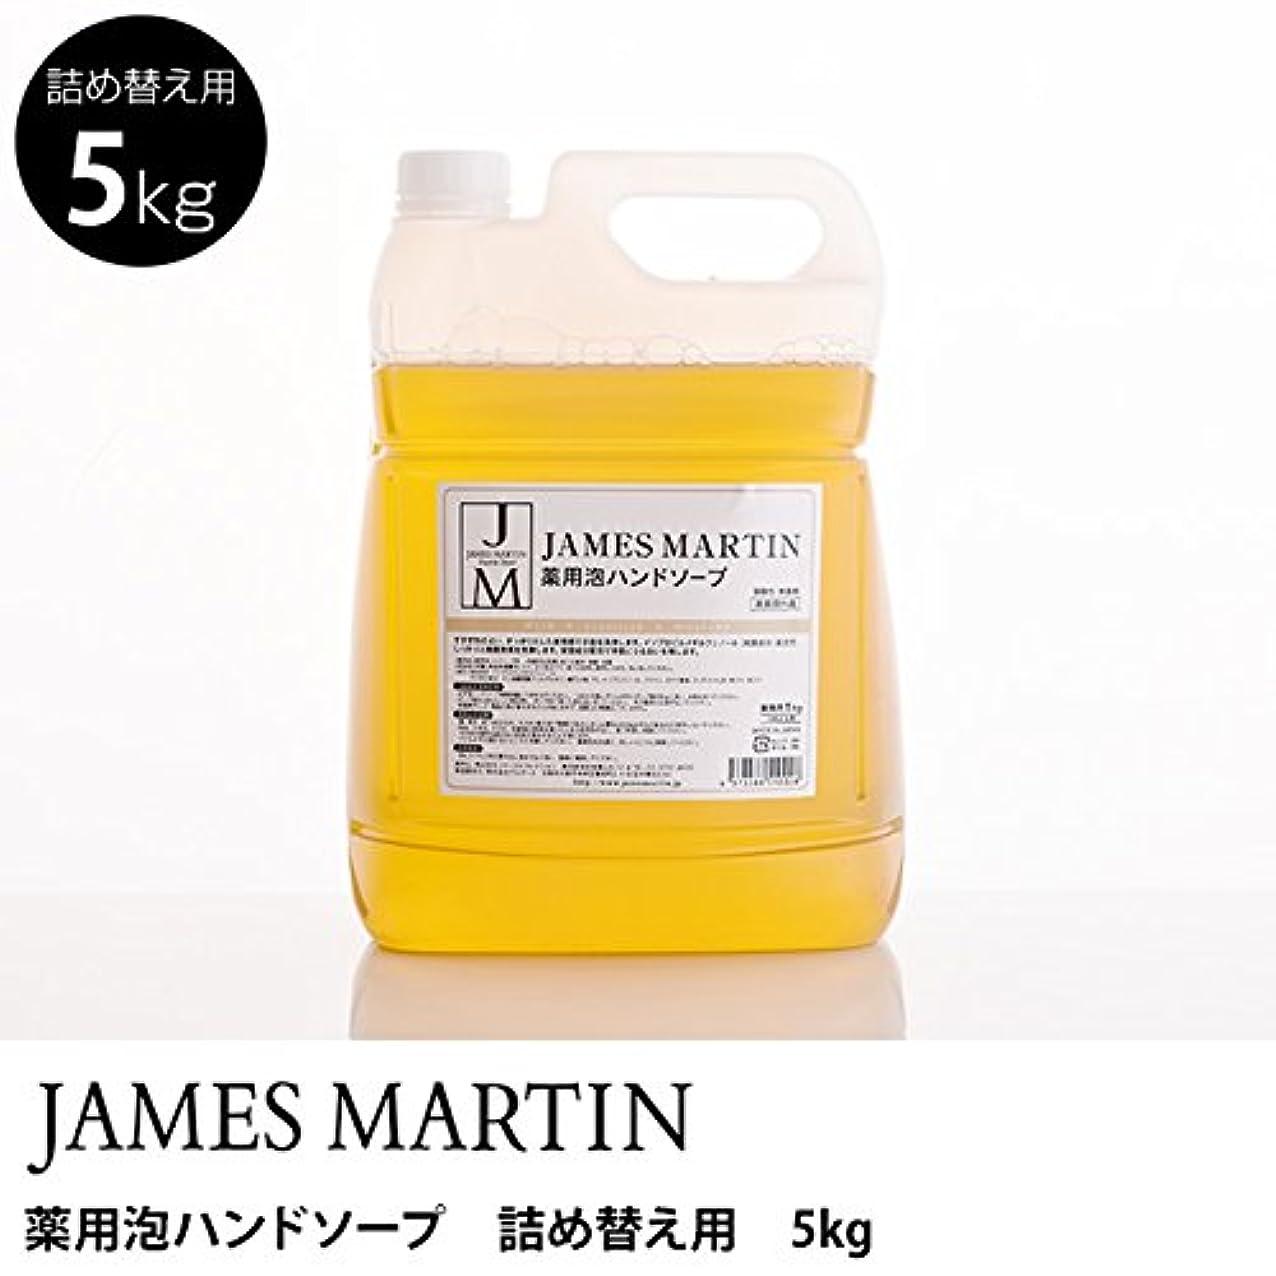 導出恐ろしいです彼自身ジェームズマーティン 薬用泡ハンドソープ(無香料) 詰替用 5kg